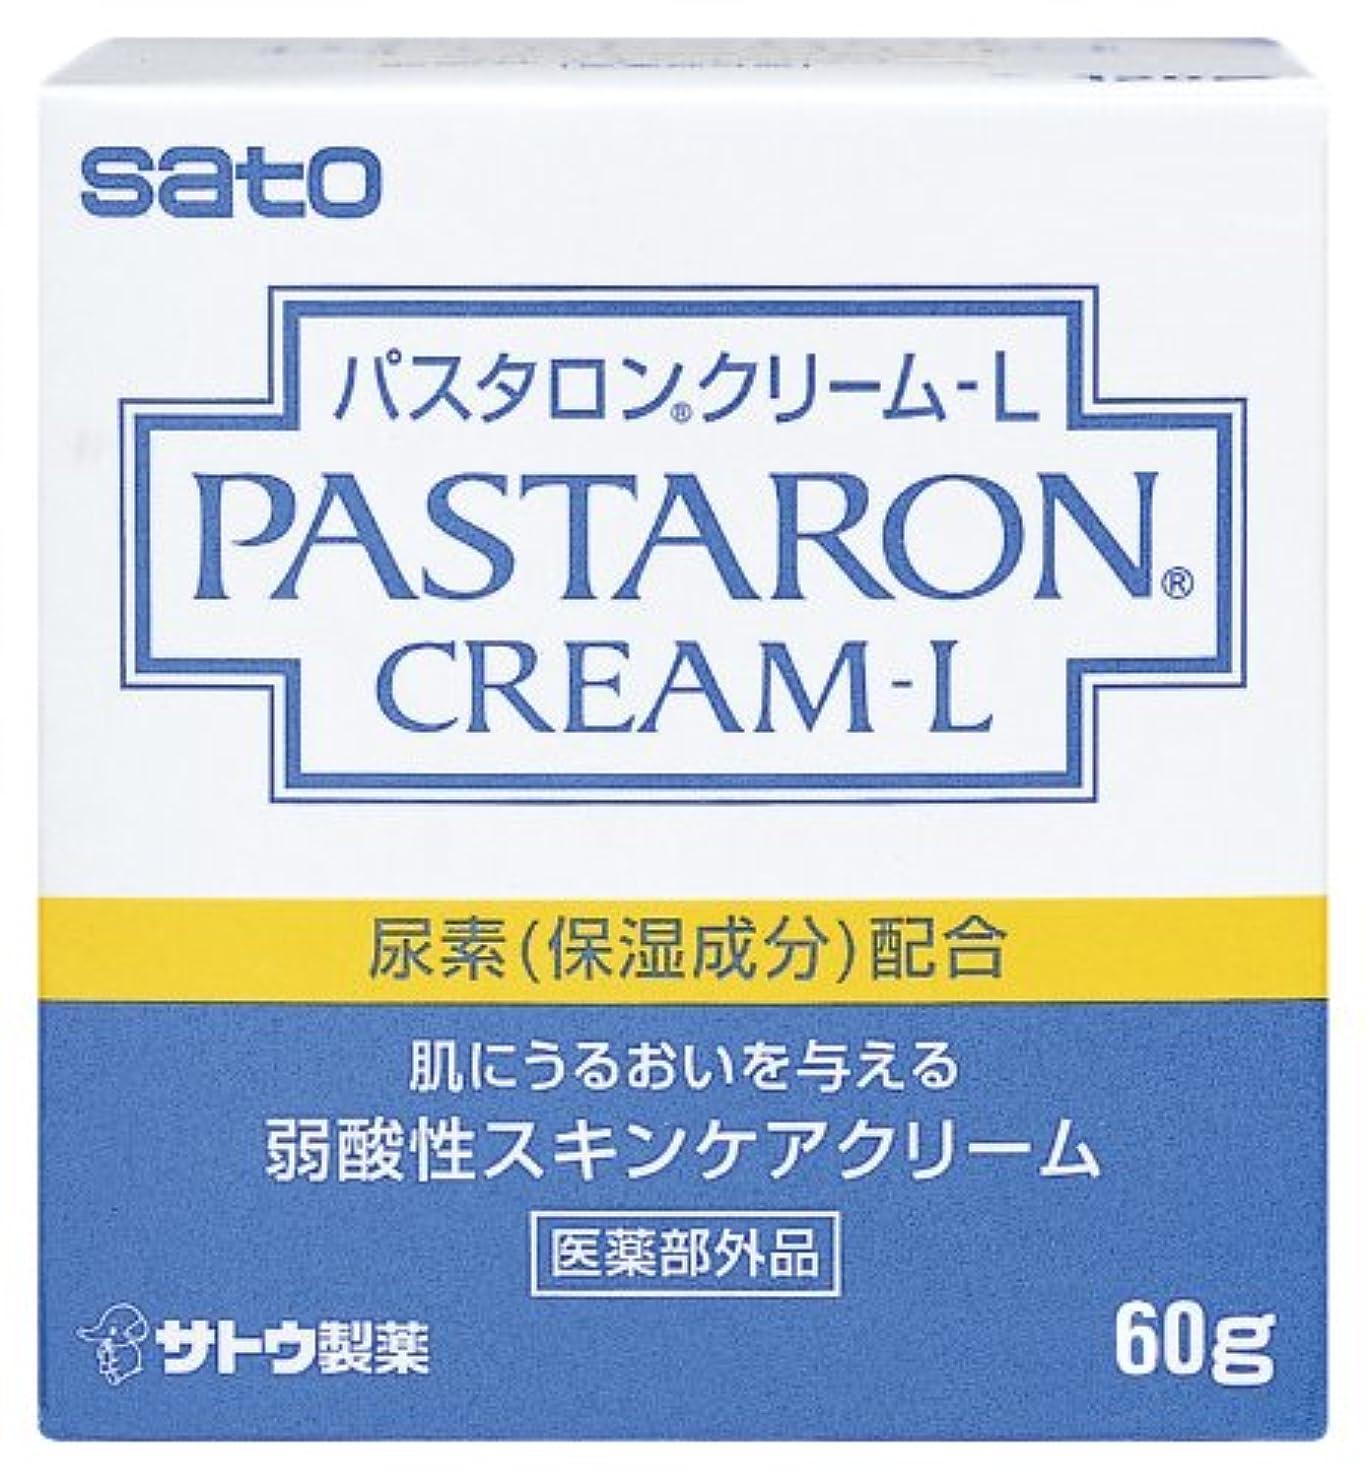 吐く暗くする深くパスタロンクリーム-L 60g